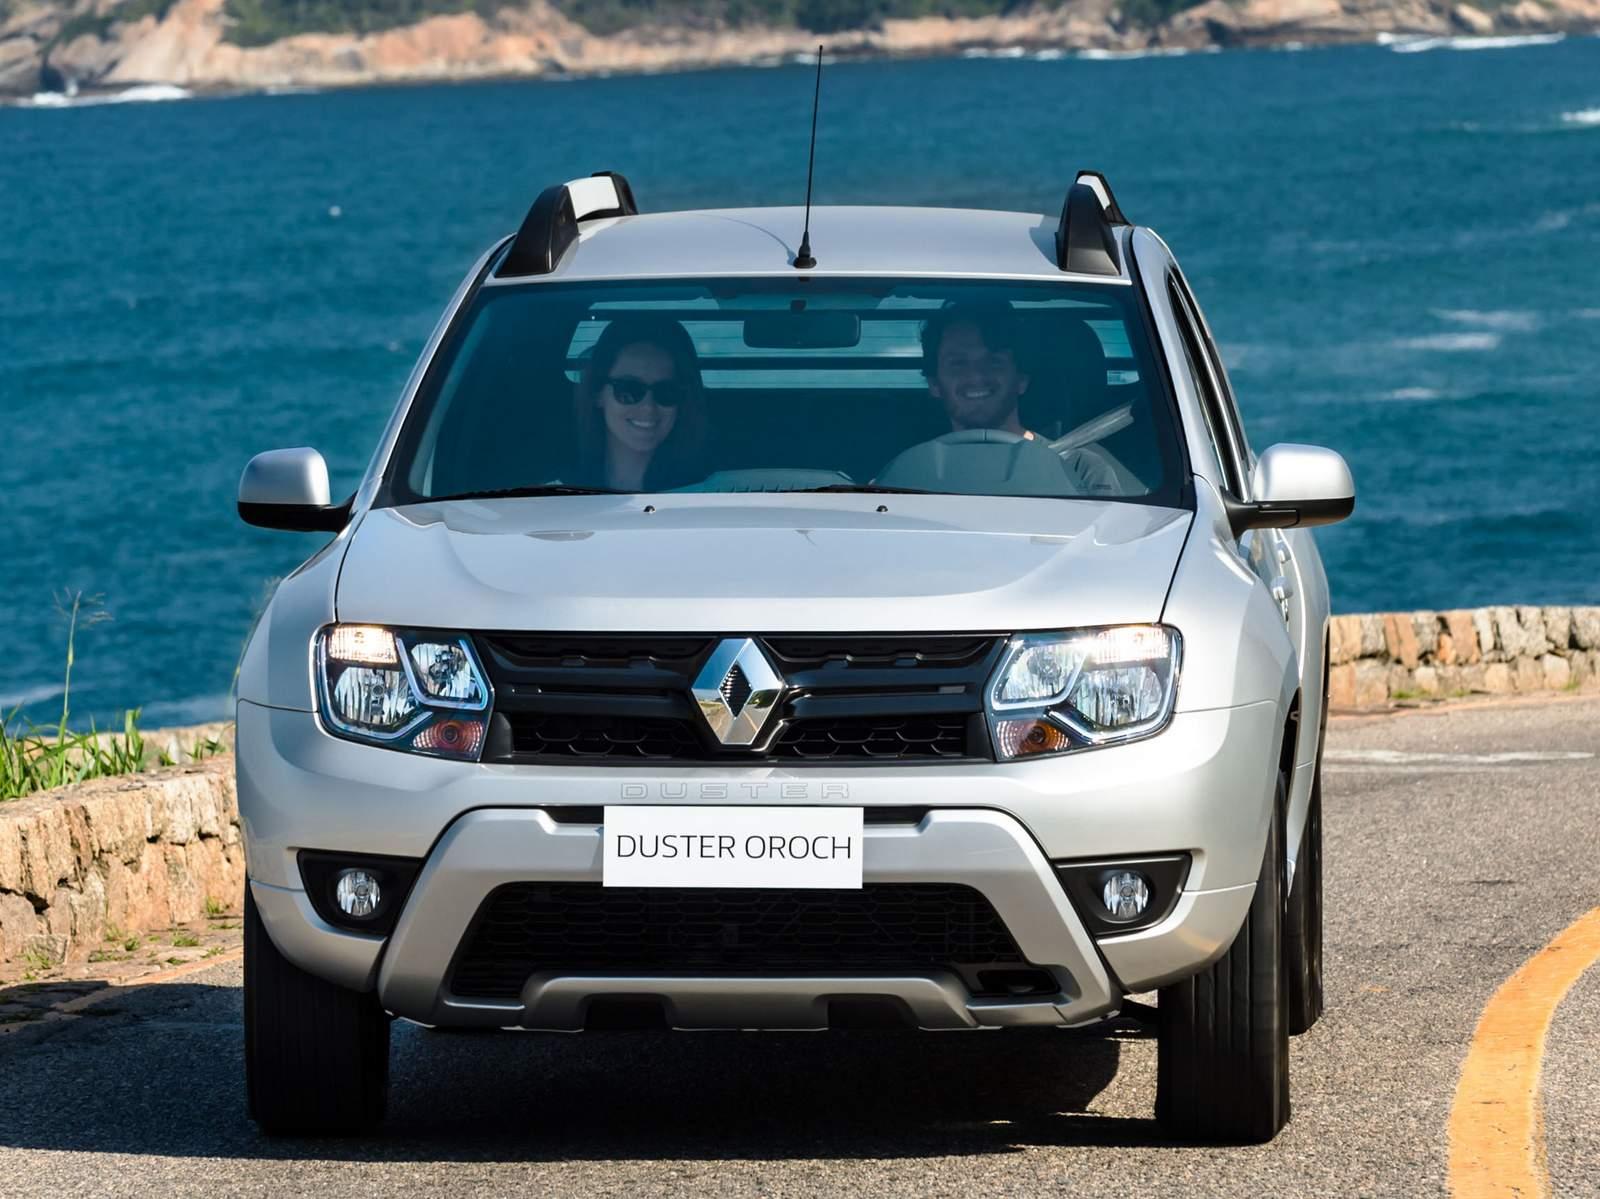 Renault Duster Oroch - financiamento com garantia de recompra